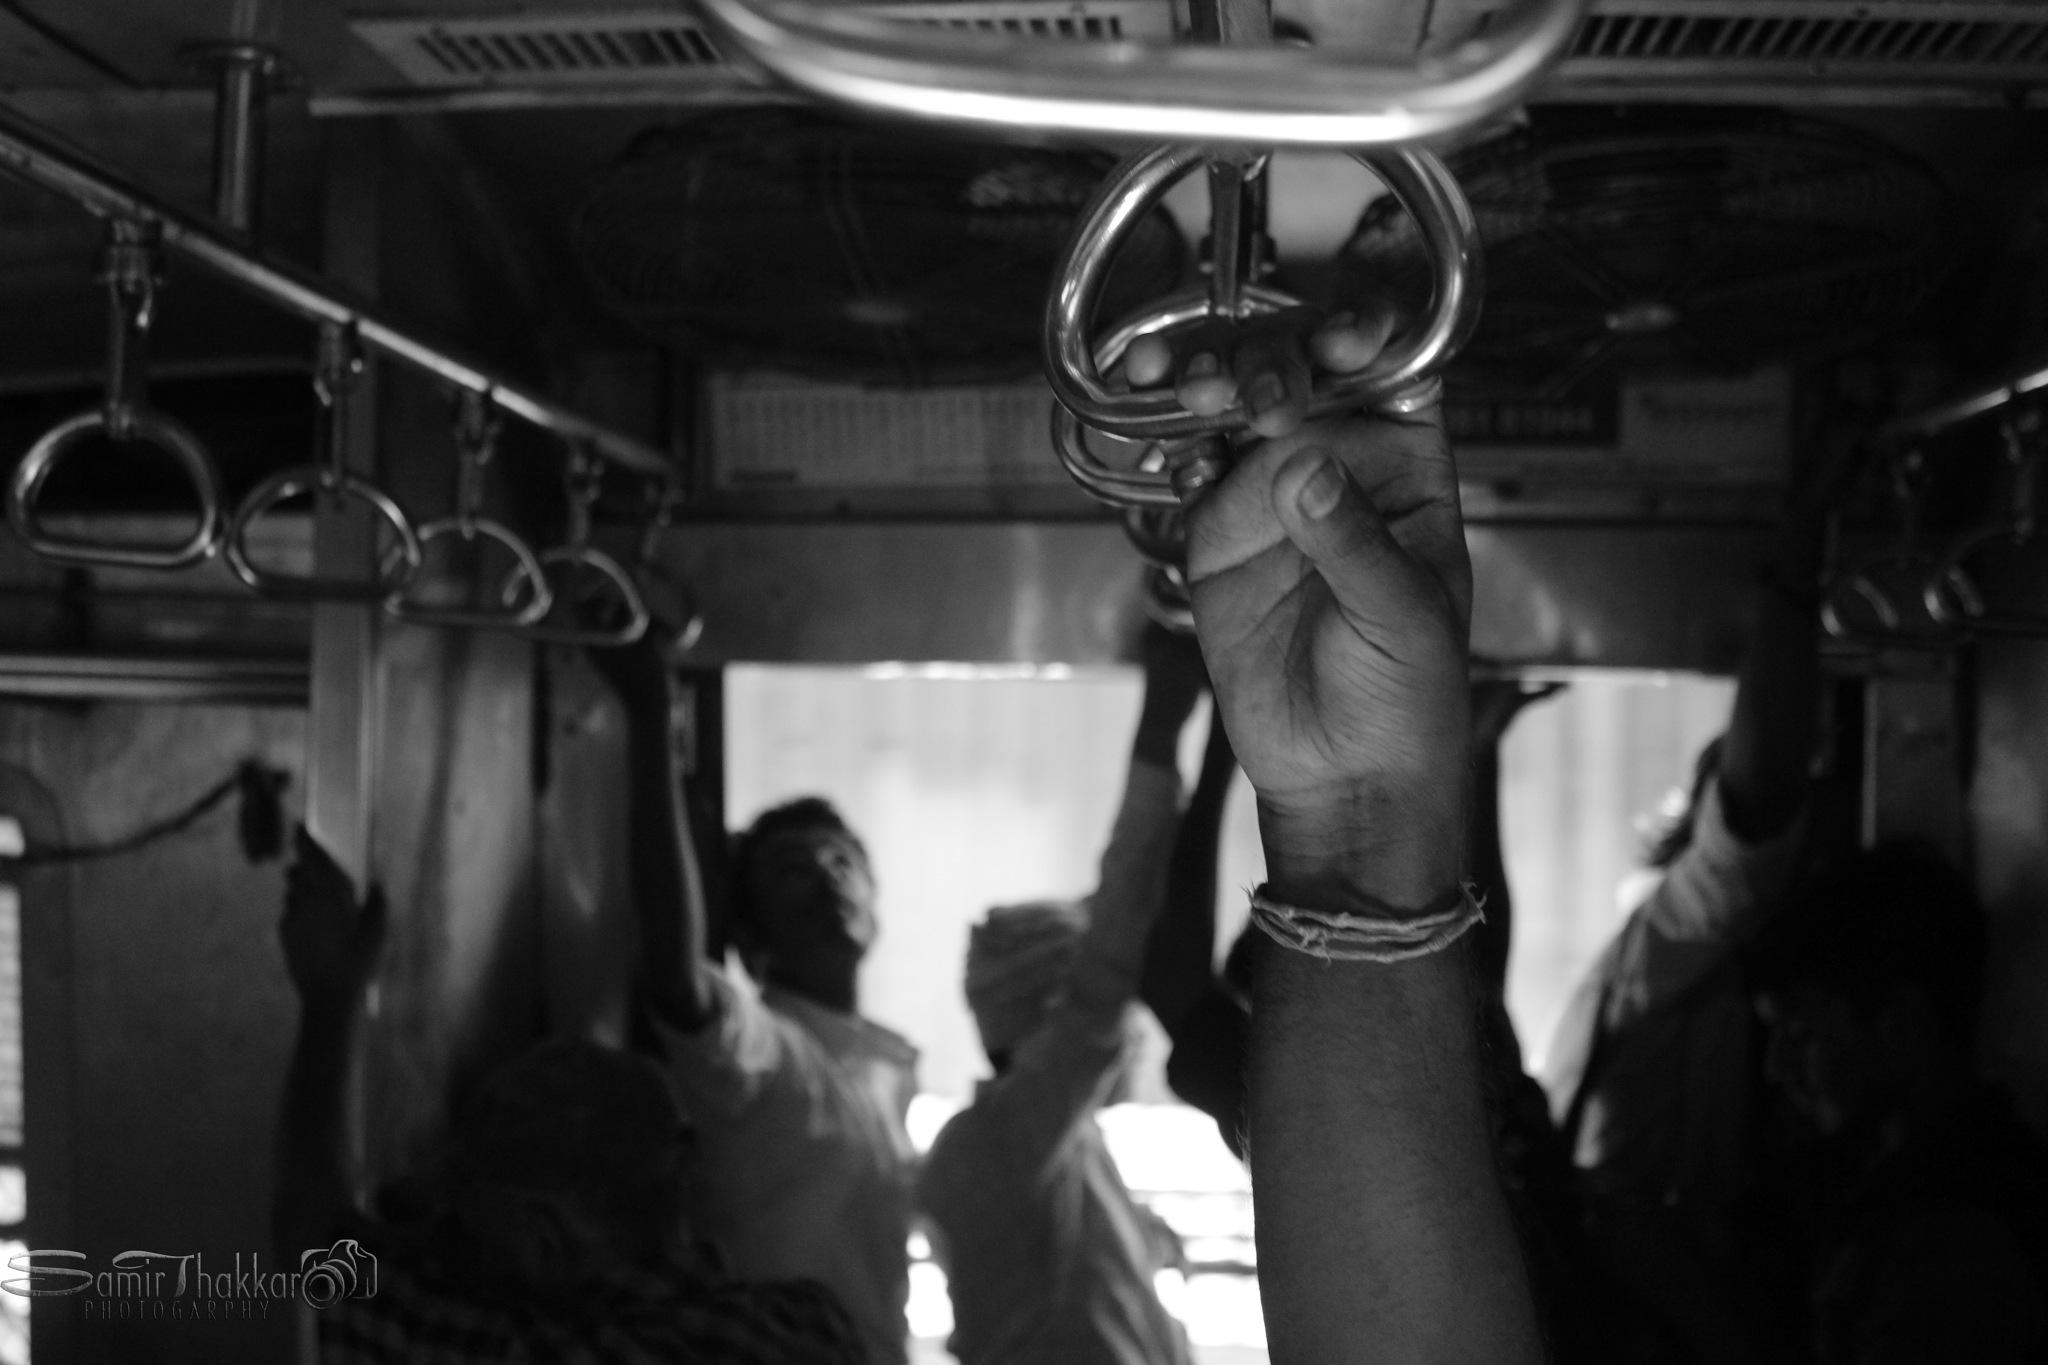 Mumbai Local Train by Samir Thakkar